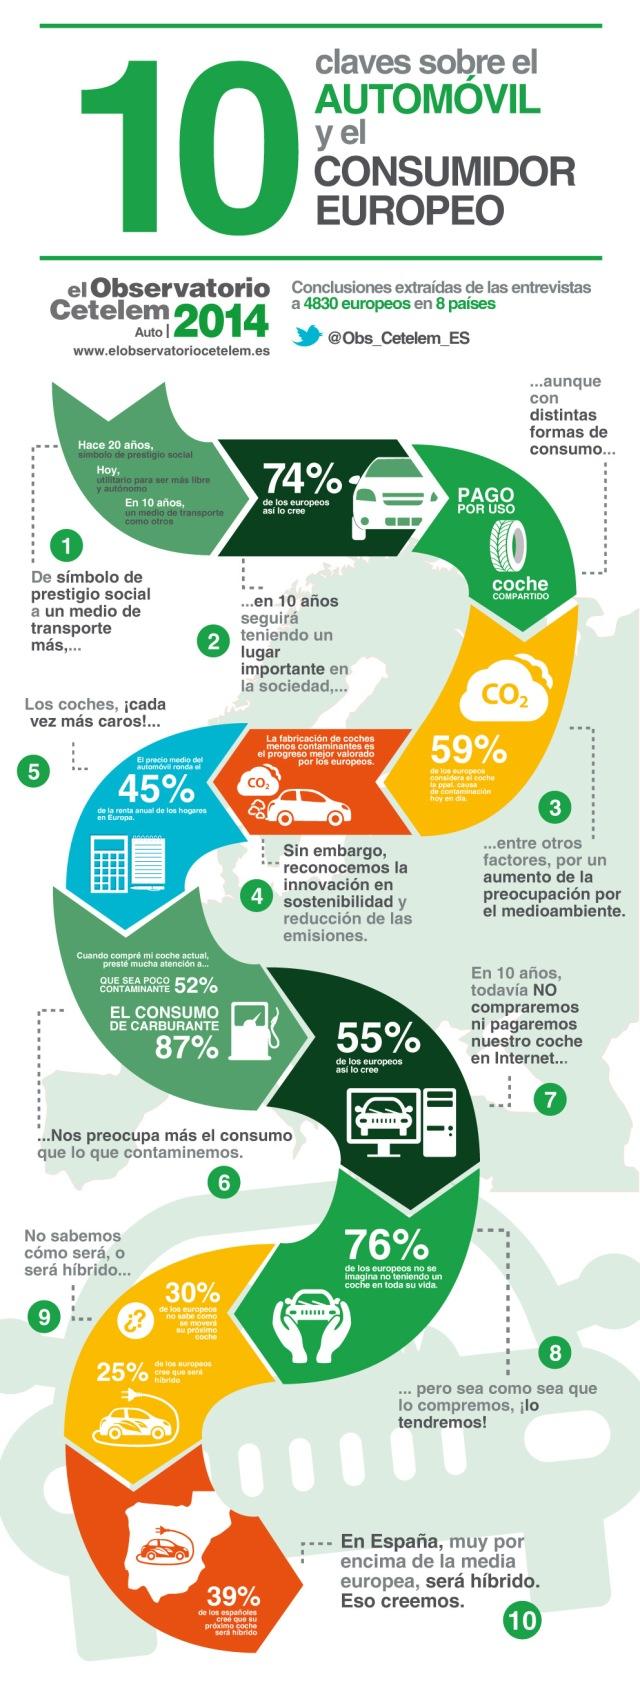 10 claves sobre el automóvil y el consumidor europeo